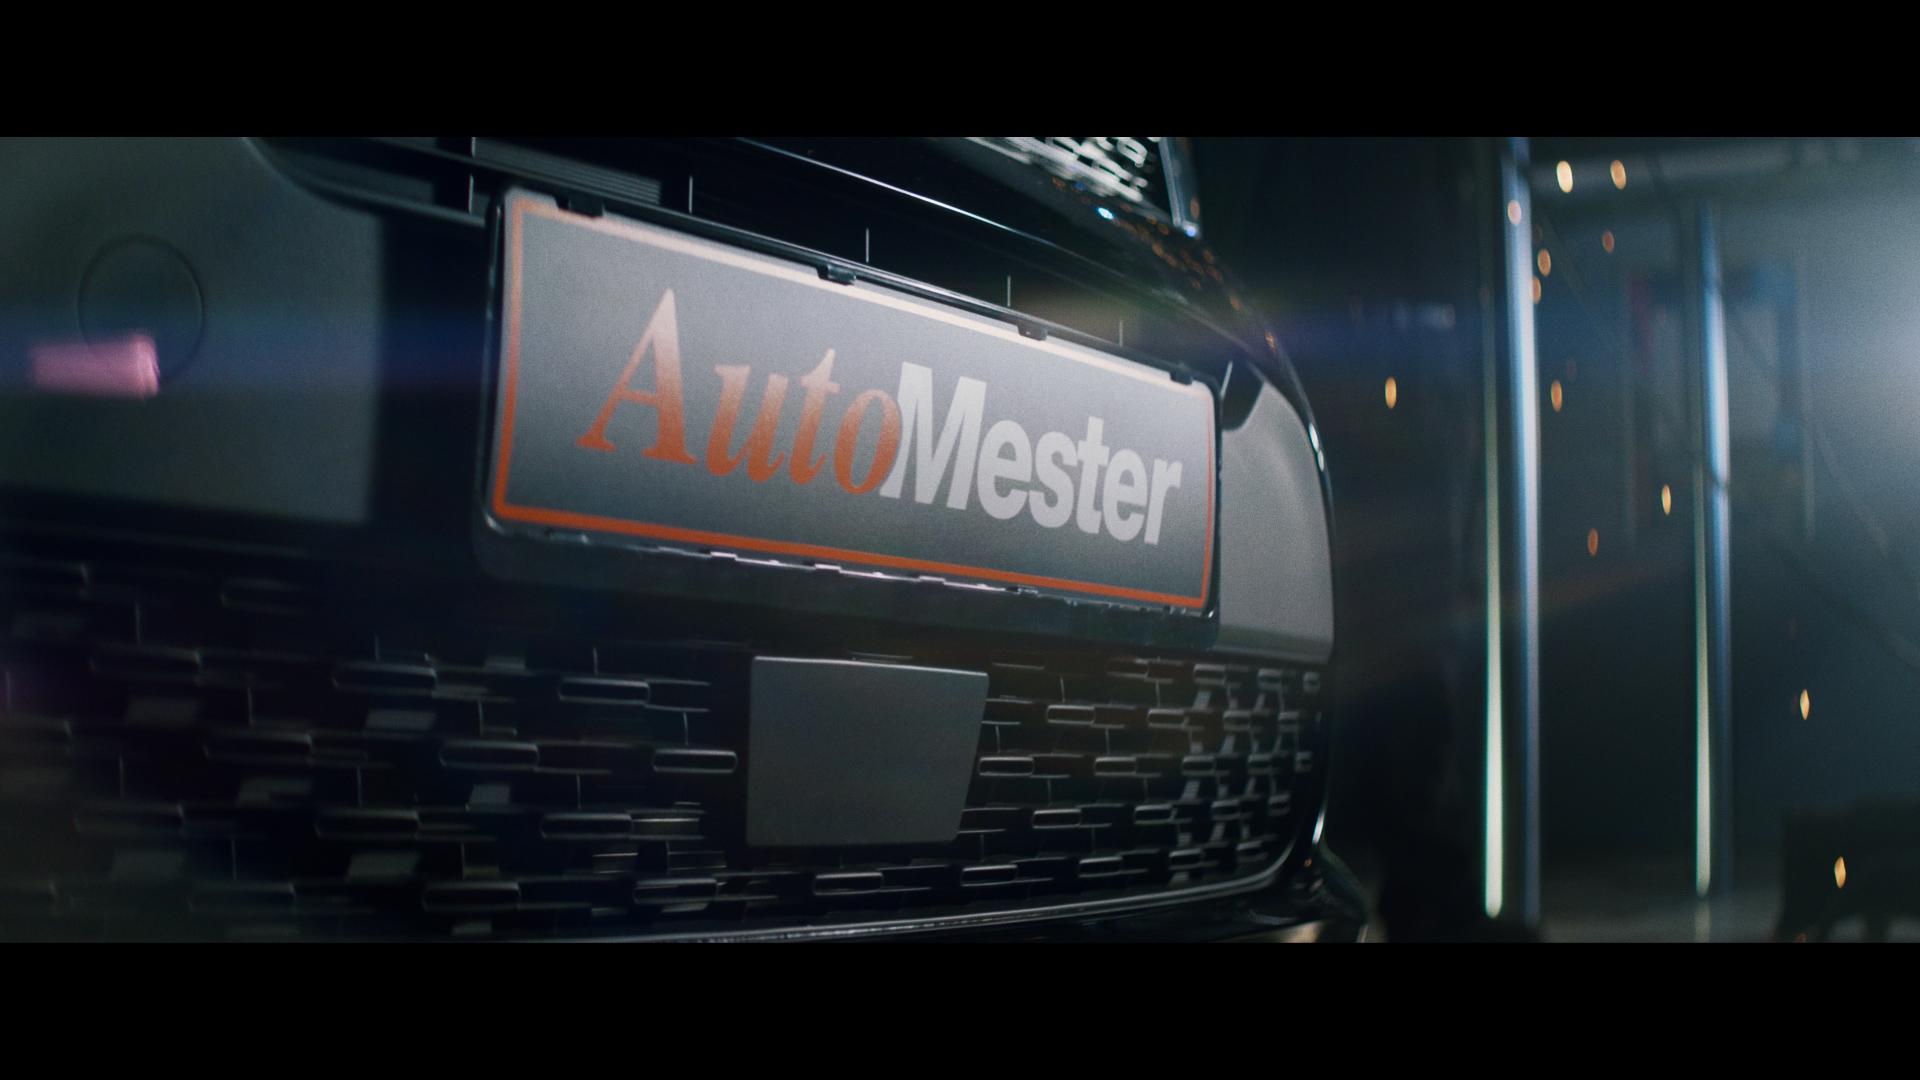 Automester_25aar_DirectorsCut_18_30s_52233.mov.00_00_03_14.Still001